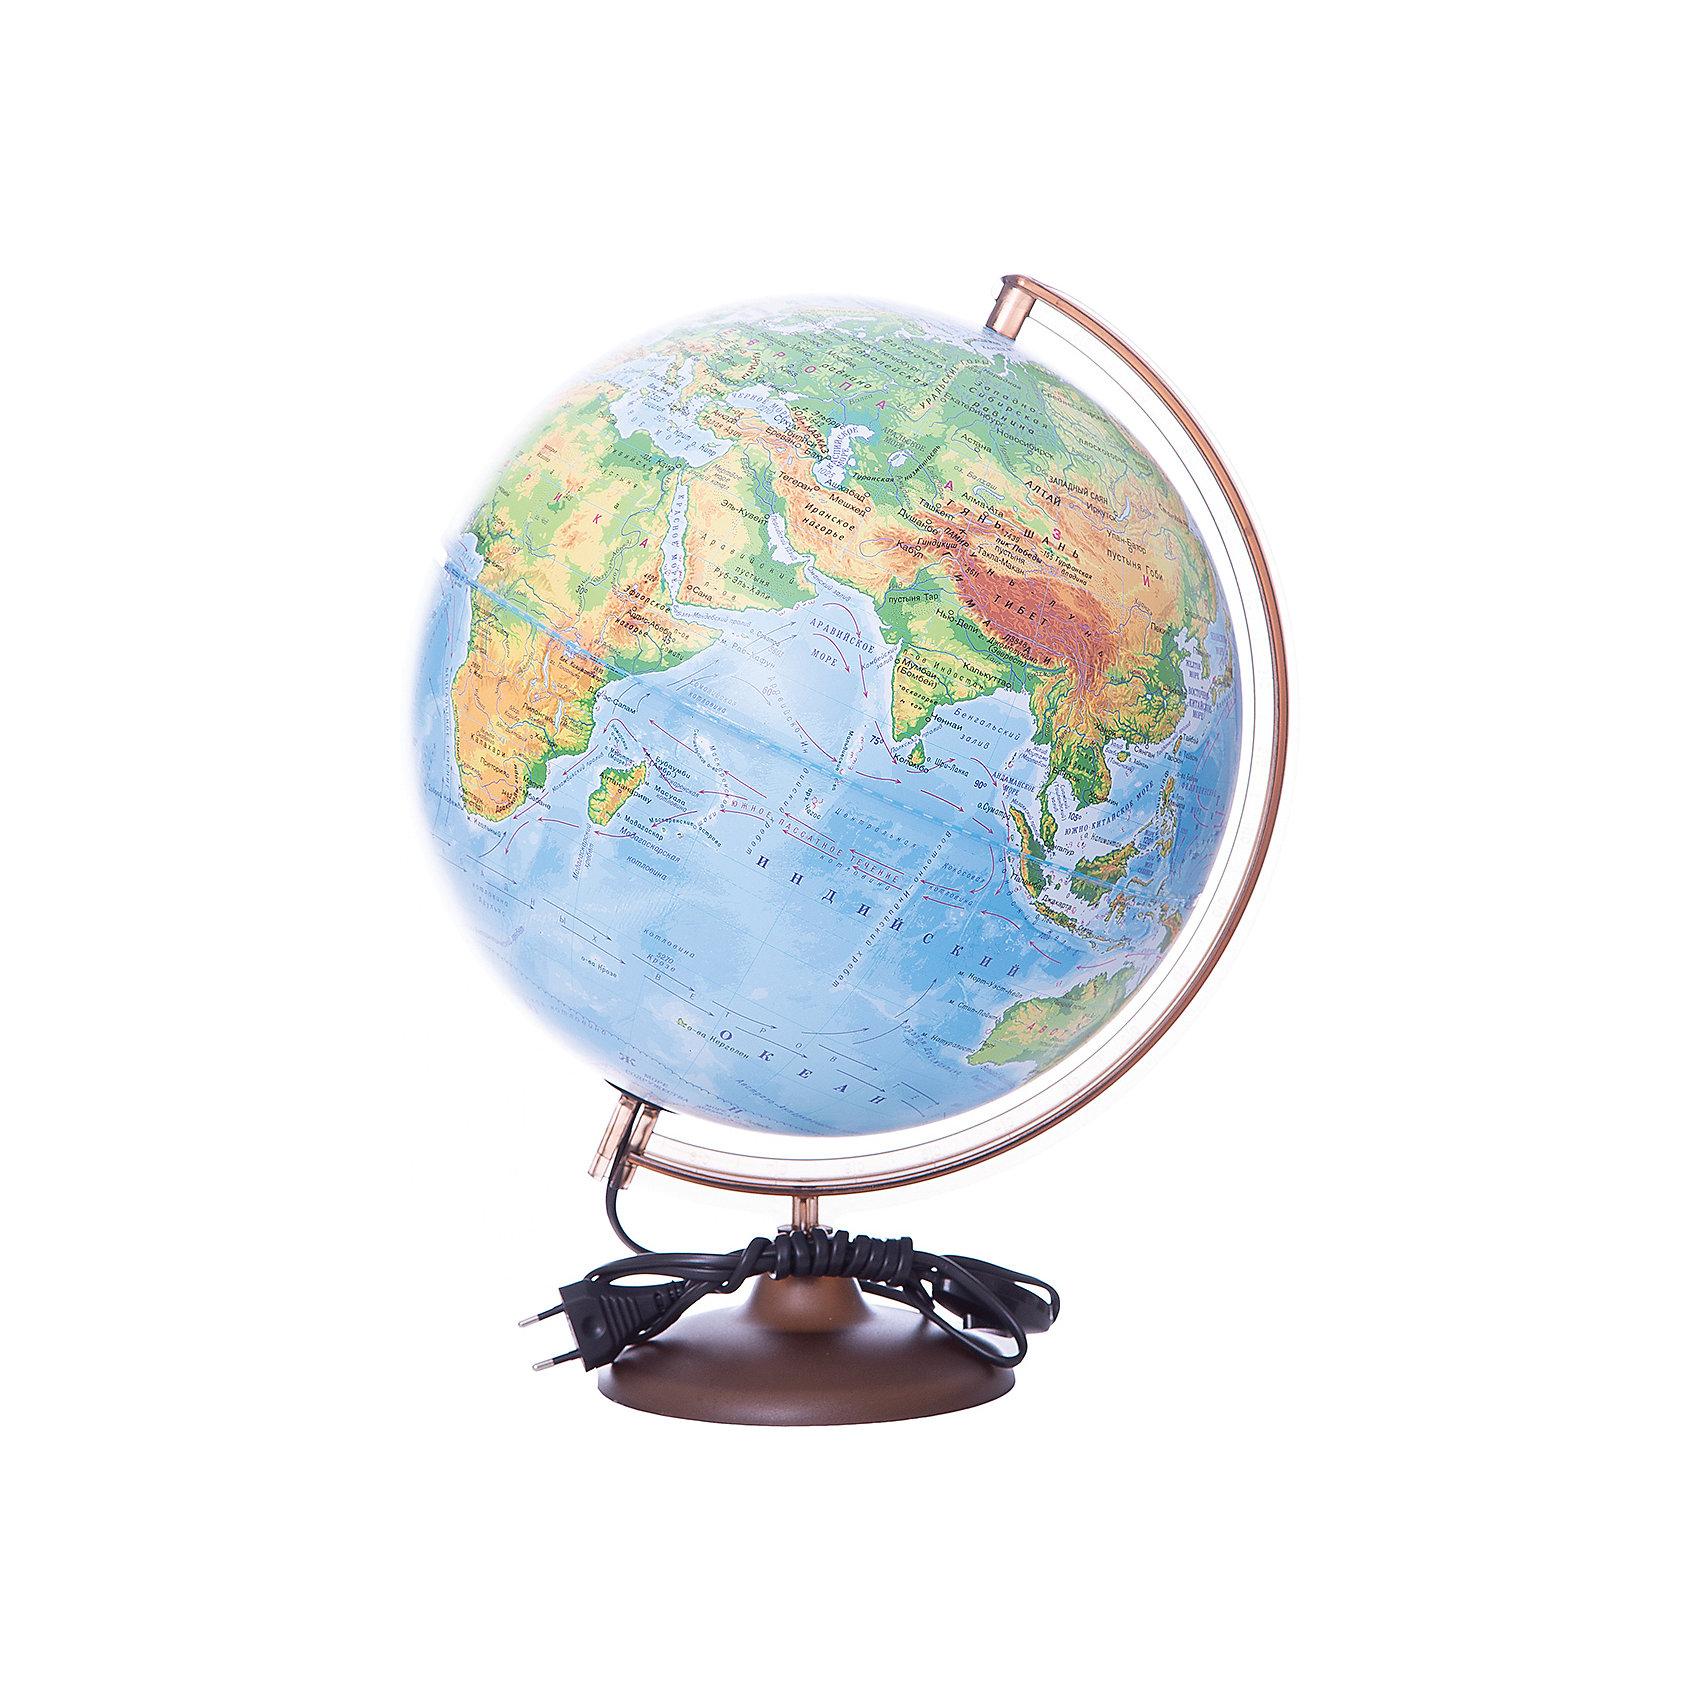 Глобус Земли физический с подсветкой, диаметр 320 ммГлобусы<br>Характеристики товара:<br><br>• возраст от 6 лет;<br>• материал: пластик;<br>• работает от сети<br>• диаметр глобуса 320 мм;<br>• масштаб 1:40000000;<br>• размер упаковки 34,3х34,3х35,5 см;<br>• вес упаковки 1,025 кг;<br>• страна производитель: Россия.<br><br>Глобус Земли физический с подсветкой, 320 мм Глобусный мир — уменьшенная копия нашей планеты. Глобус станет отличным дополнением для школьника или студента. На нем нанесены моря, океаны, рельеф суши, острова, материки. Он позволит поближе познакомиться со строением нашей планеты. Глобус оснащен подсветкой, которая работает от сети.<br><br>Глобус Земли физический с подсветкой, 320 мм Глобусный мир можно приобрести в нашем интернет-магазине.<br><br>Ширина мм: 343<br>Глубина мм: 343<br>Высота мм: 355<br>Вес г: 1025<br>Возраст от месяцев: 72<br>Возраст до месяцев: 2147483647<br>Пол: Унисекс<br>Возраст: Детский<br>SKU: 5518200